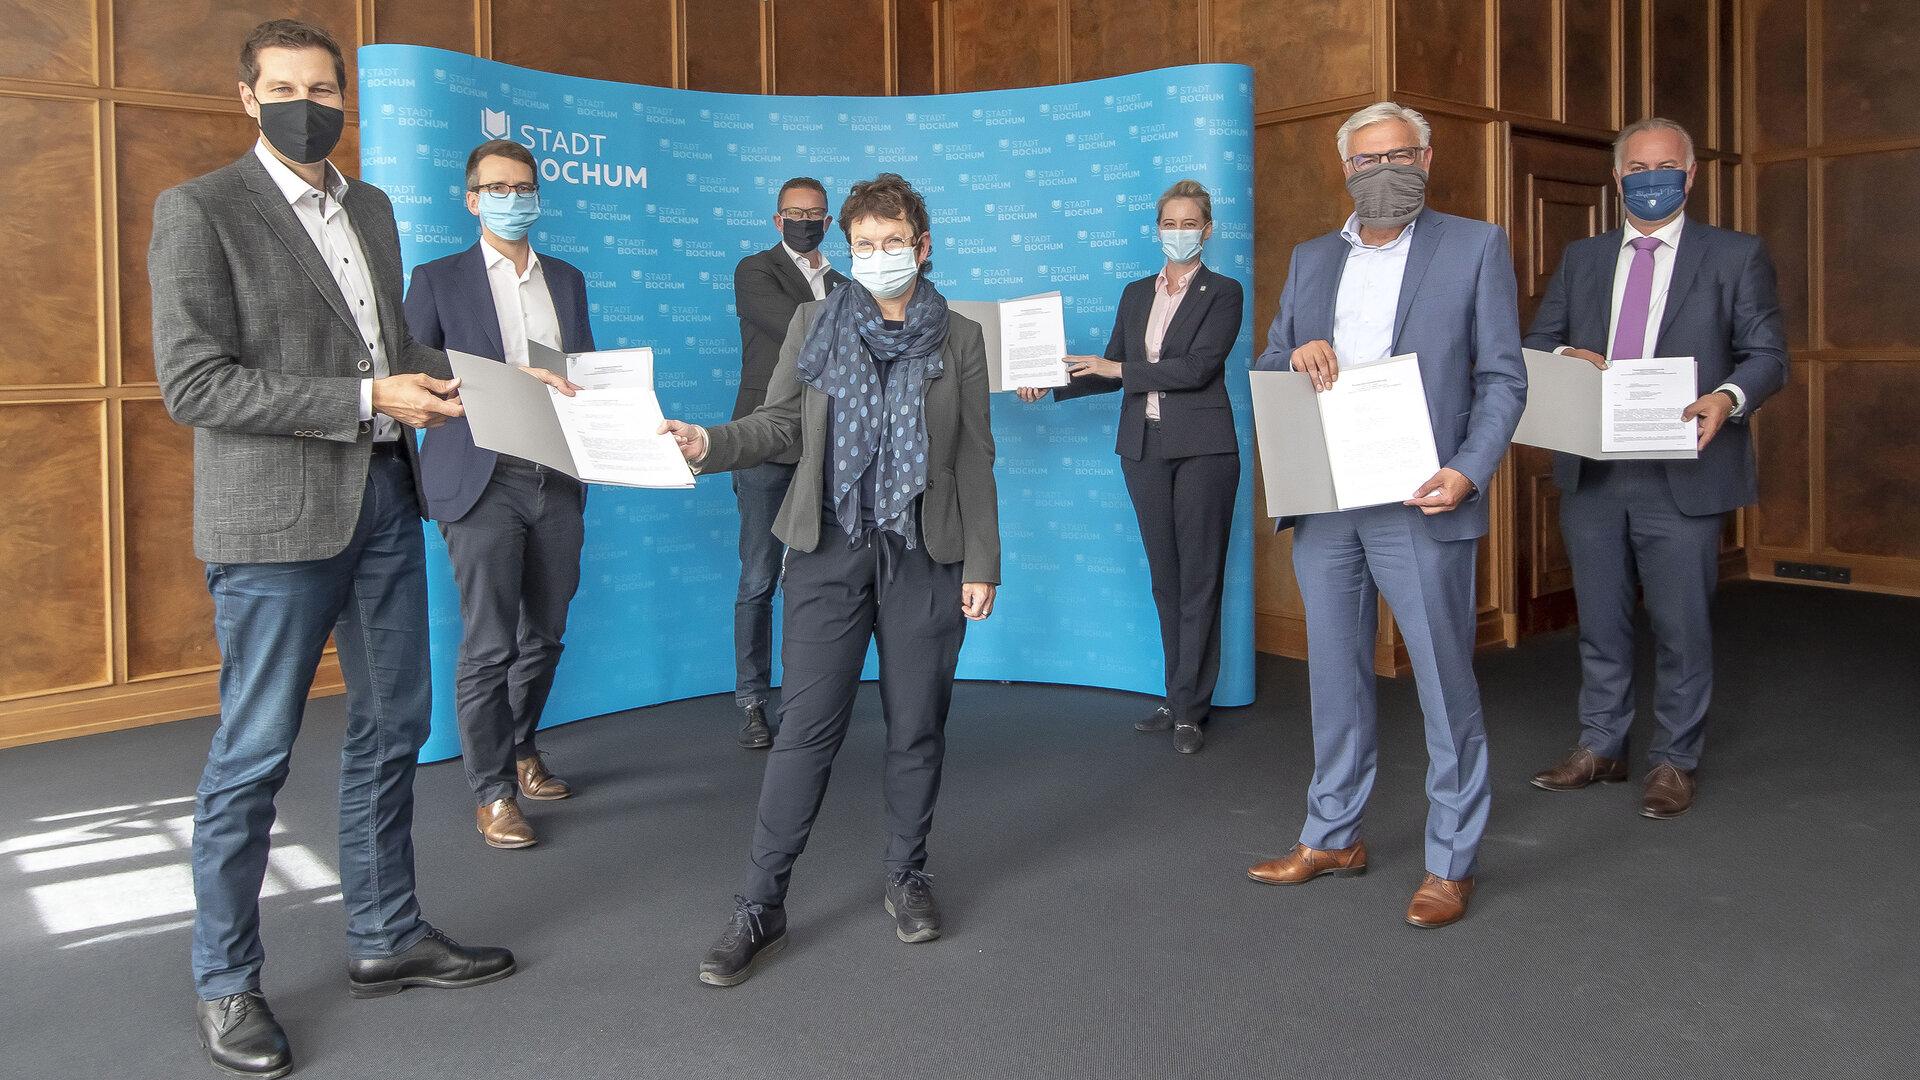 Vertragsunterzeichnung zwischen der Stadt Bochum und Bochumer Wohnungsgesellschaften am 28. August 2020